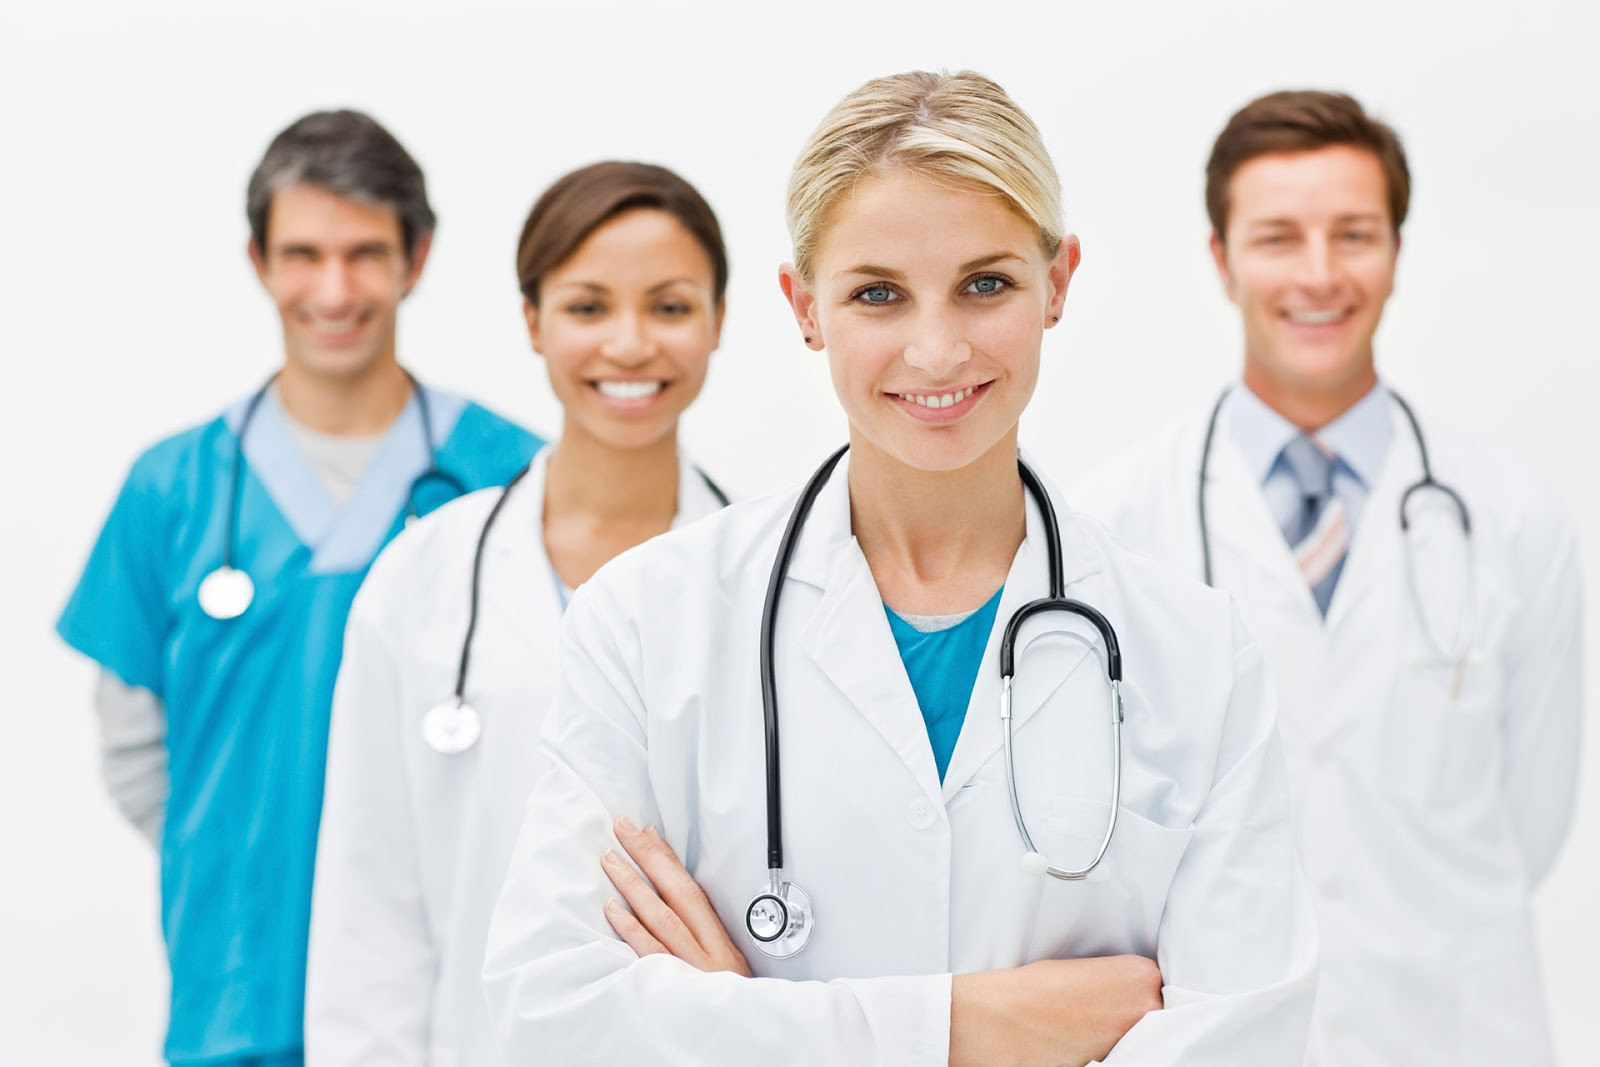 Tố chất cần có để trở thành một Y sĩ đa khoa chuyên nghiệp